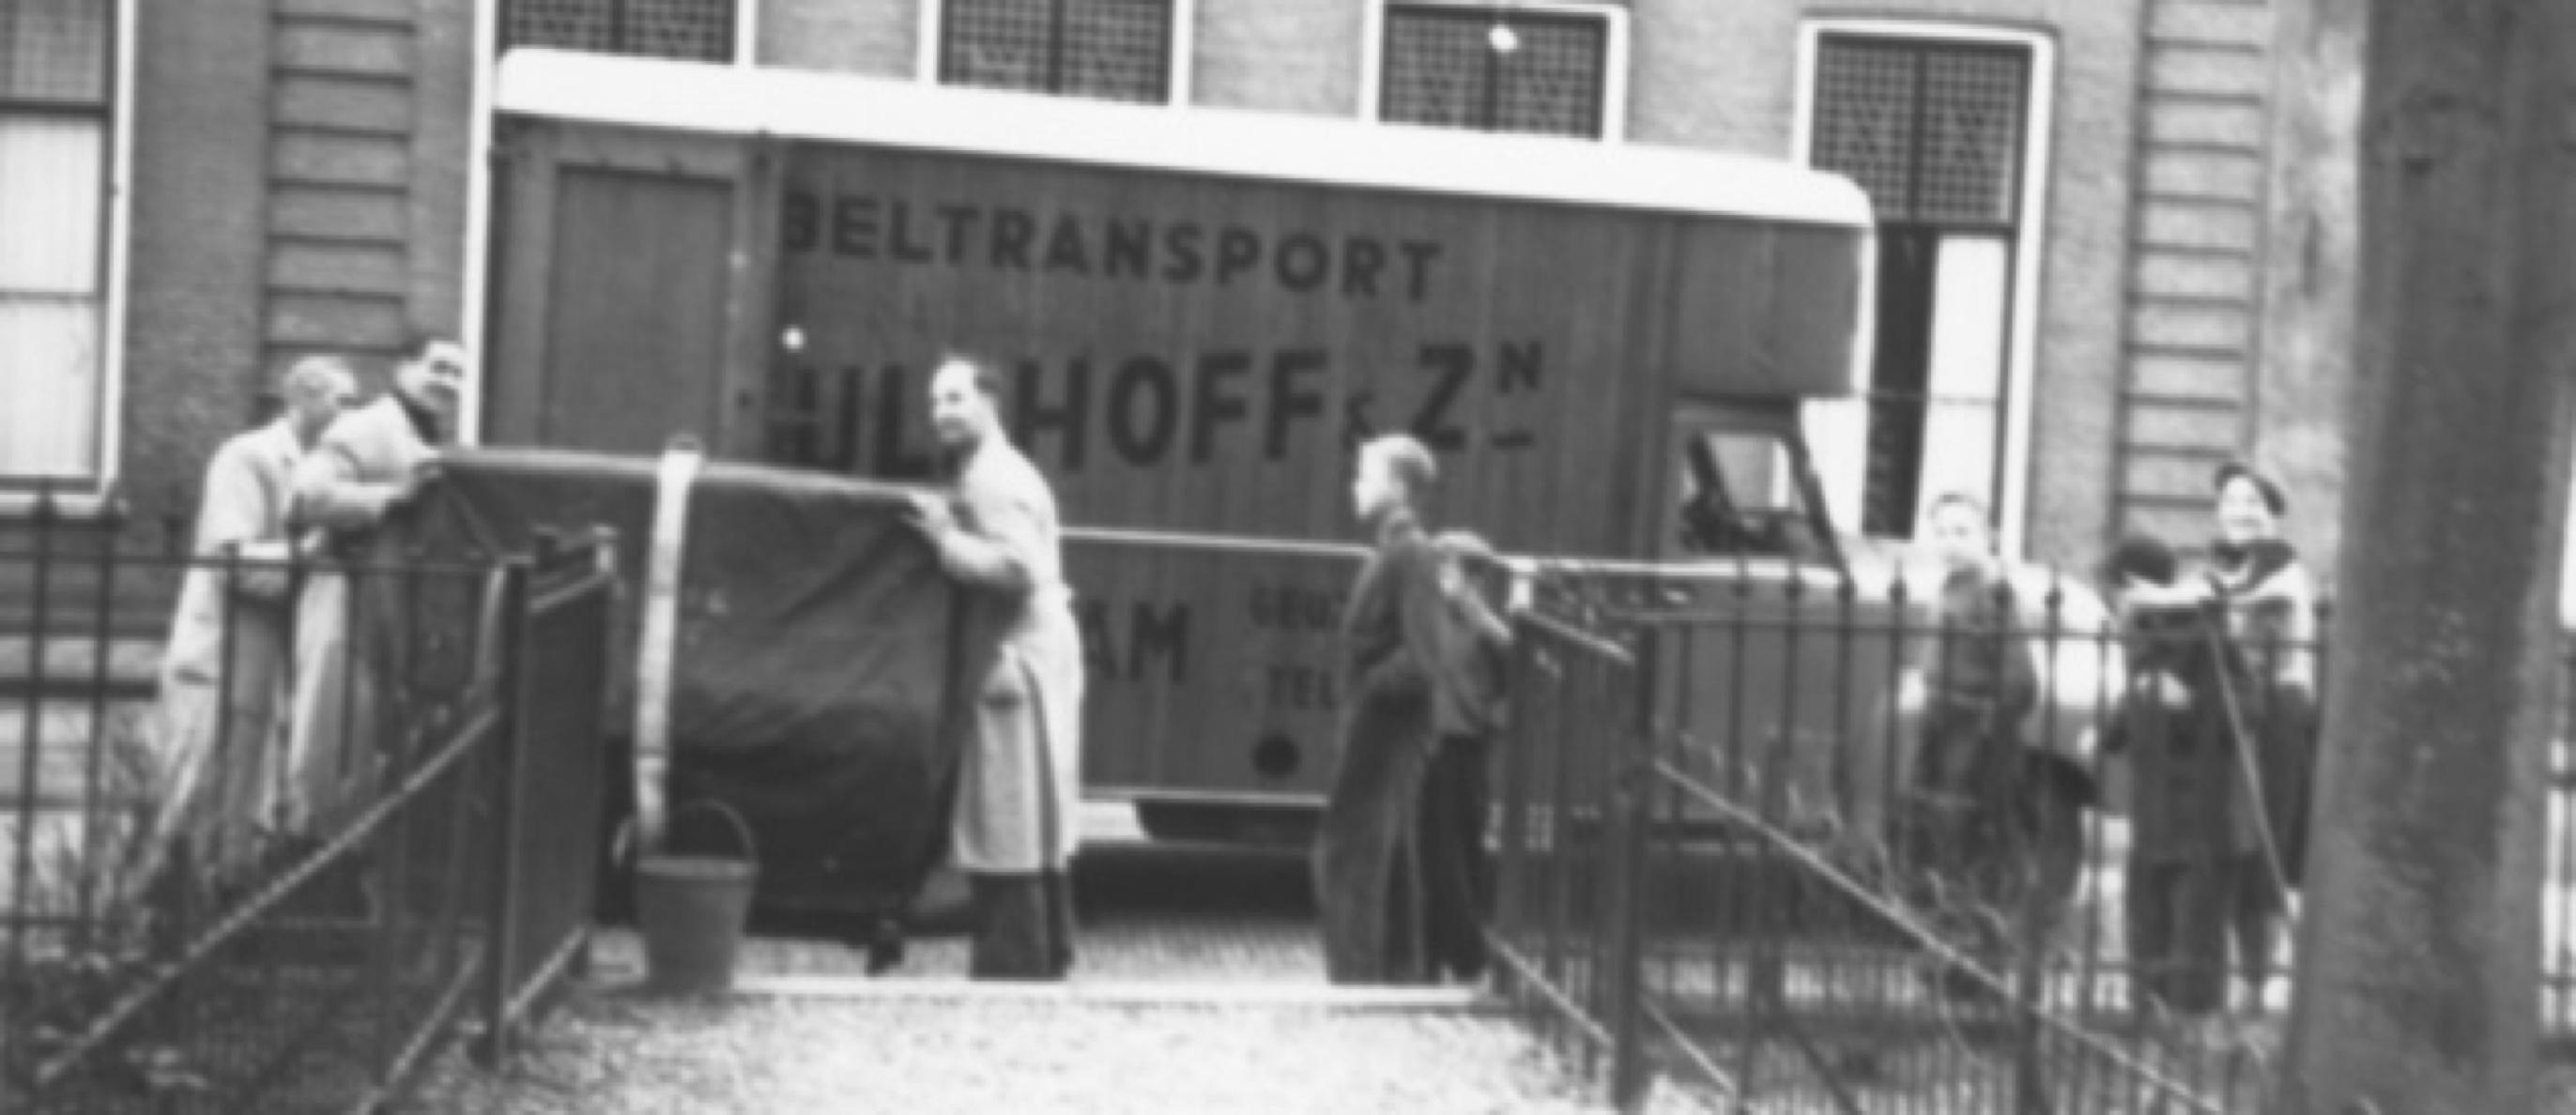 Hulshoff verzorgt zakelijke verhuizingen en veel meer